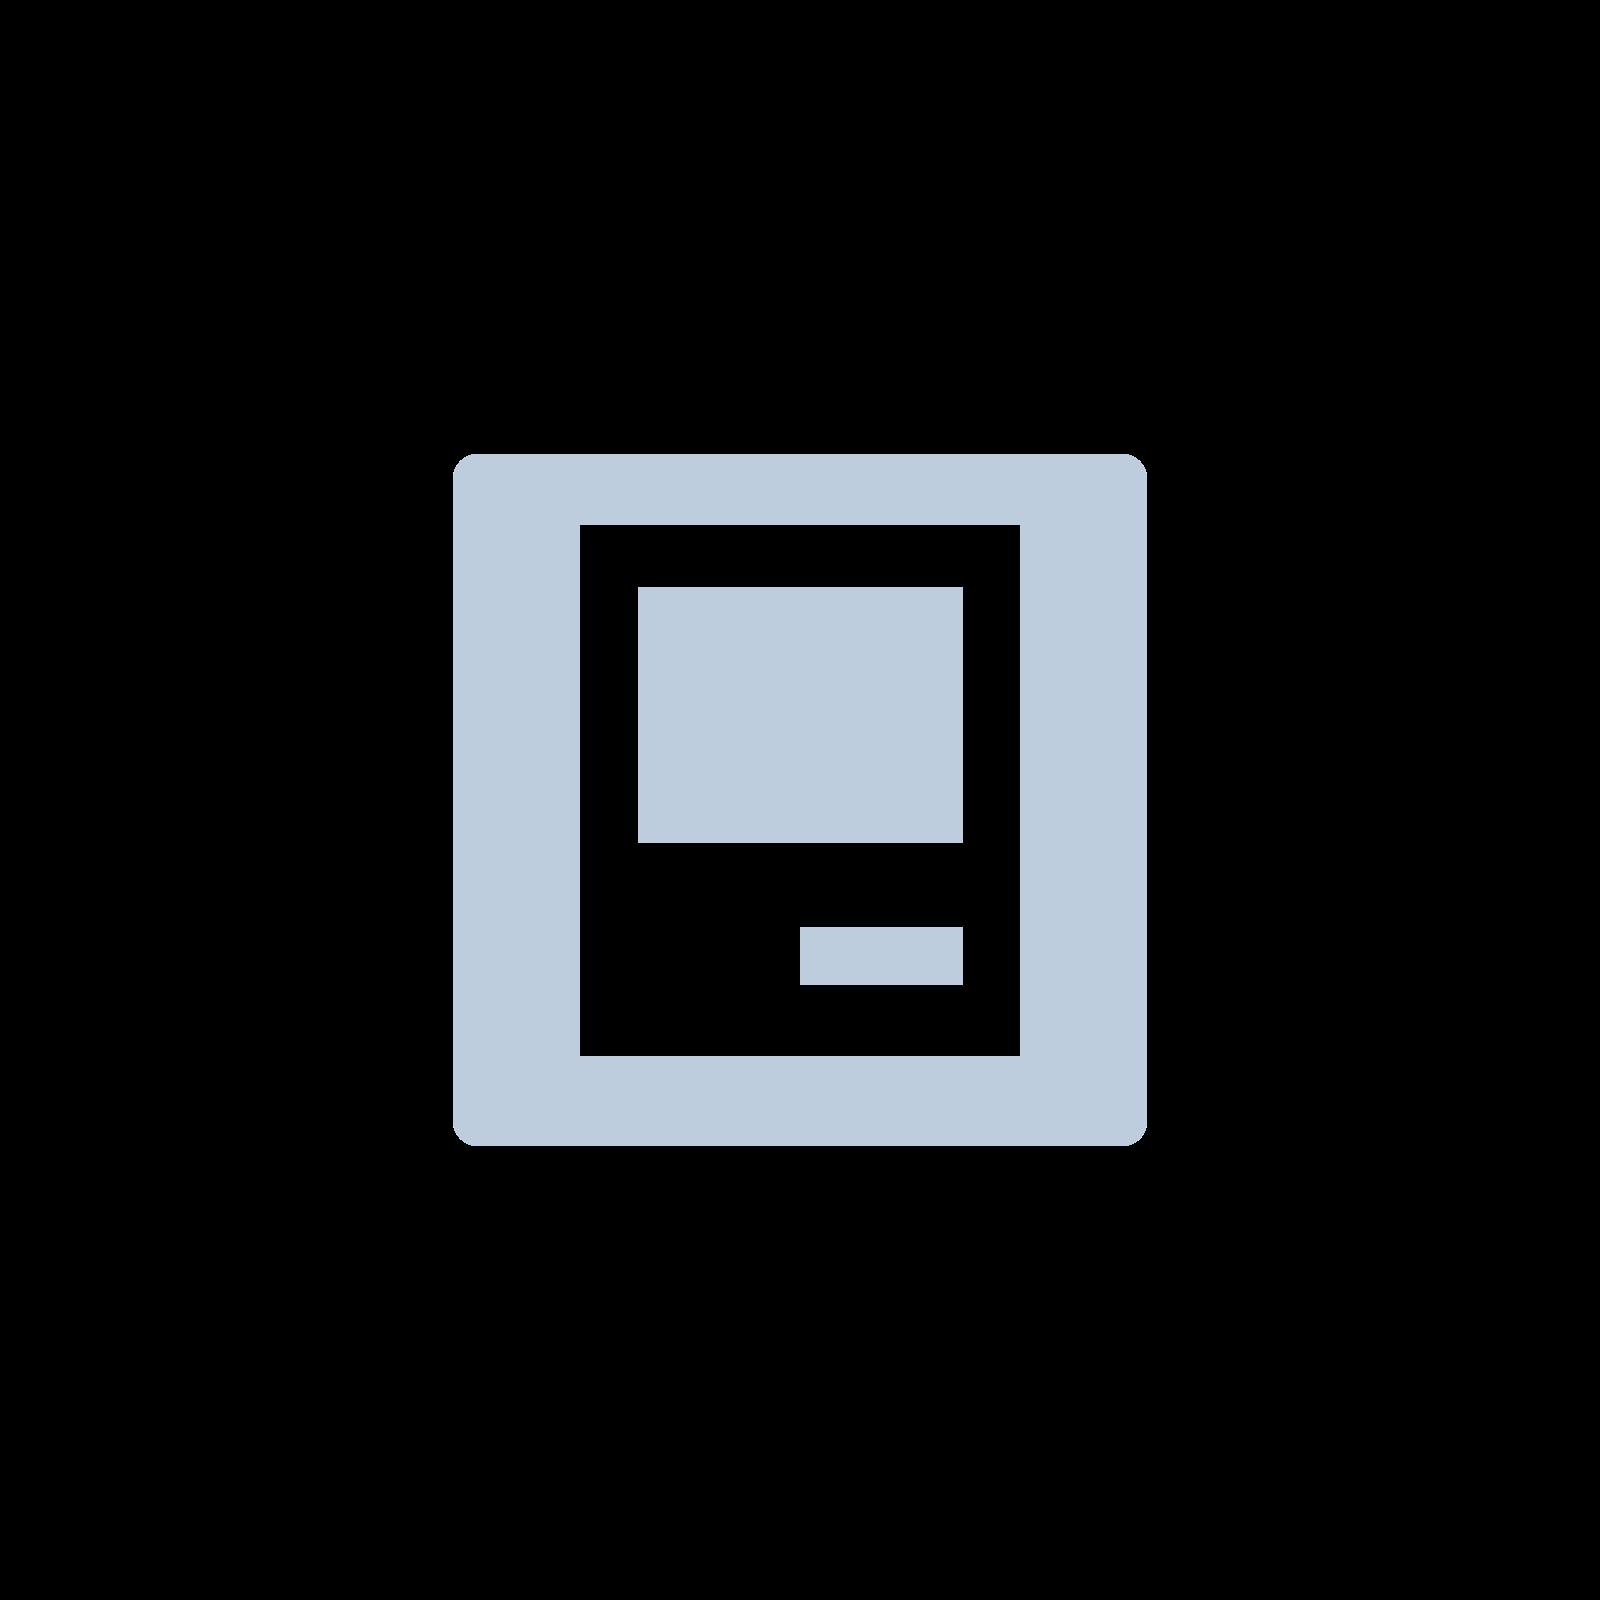 Mac mini Core i5 1.4GHz (Macmini7,1, 500GB HDD, 4GB)